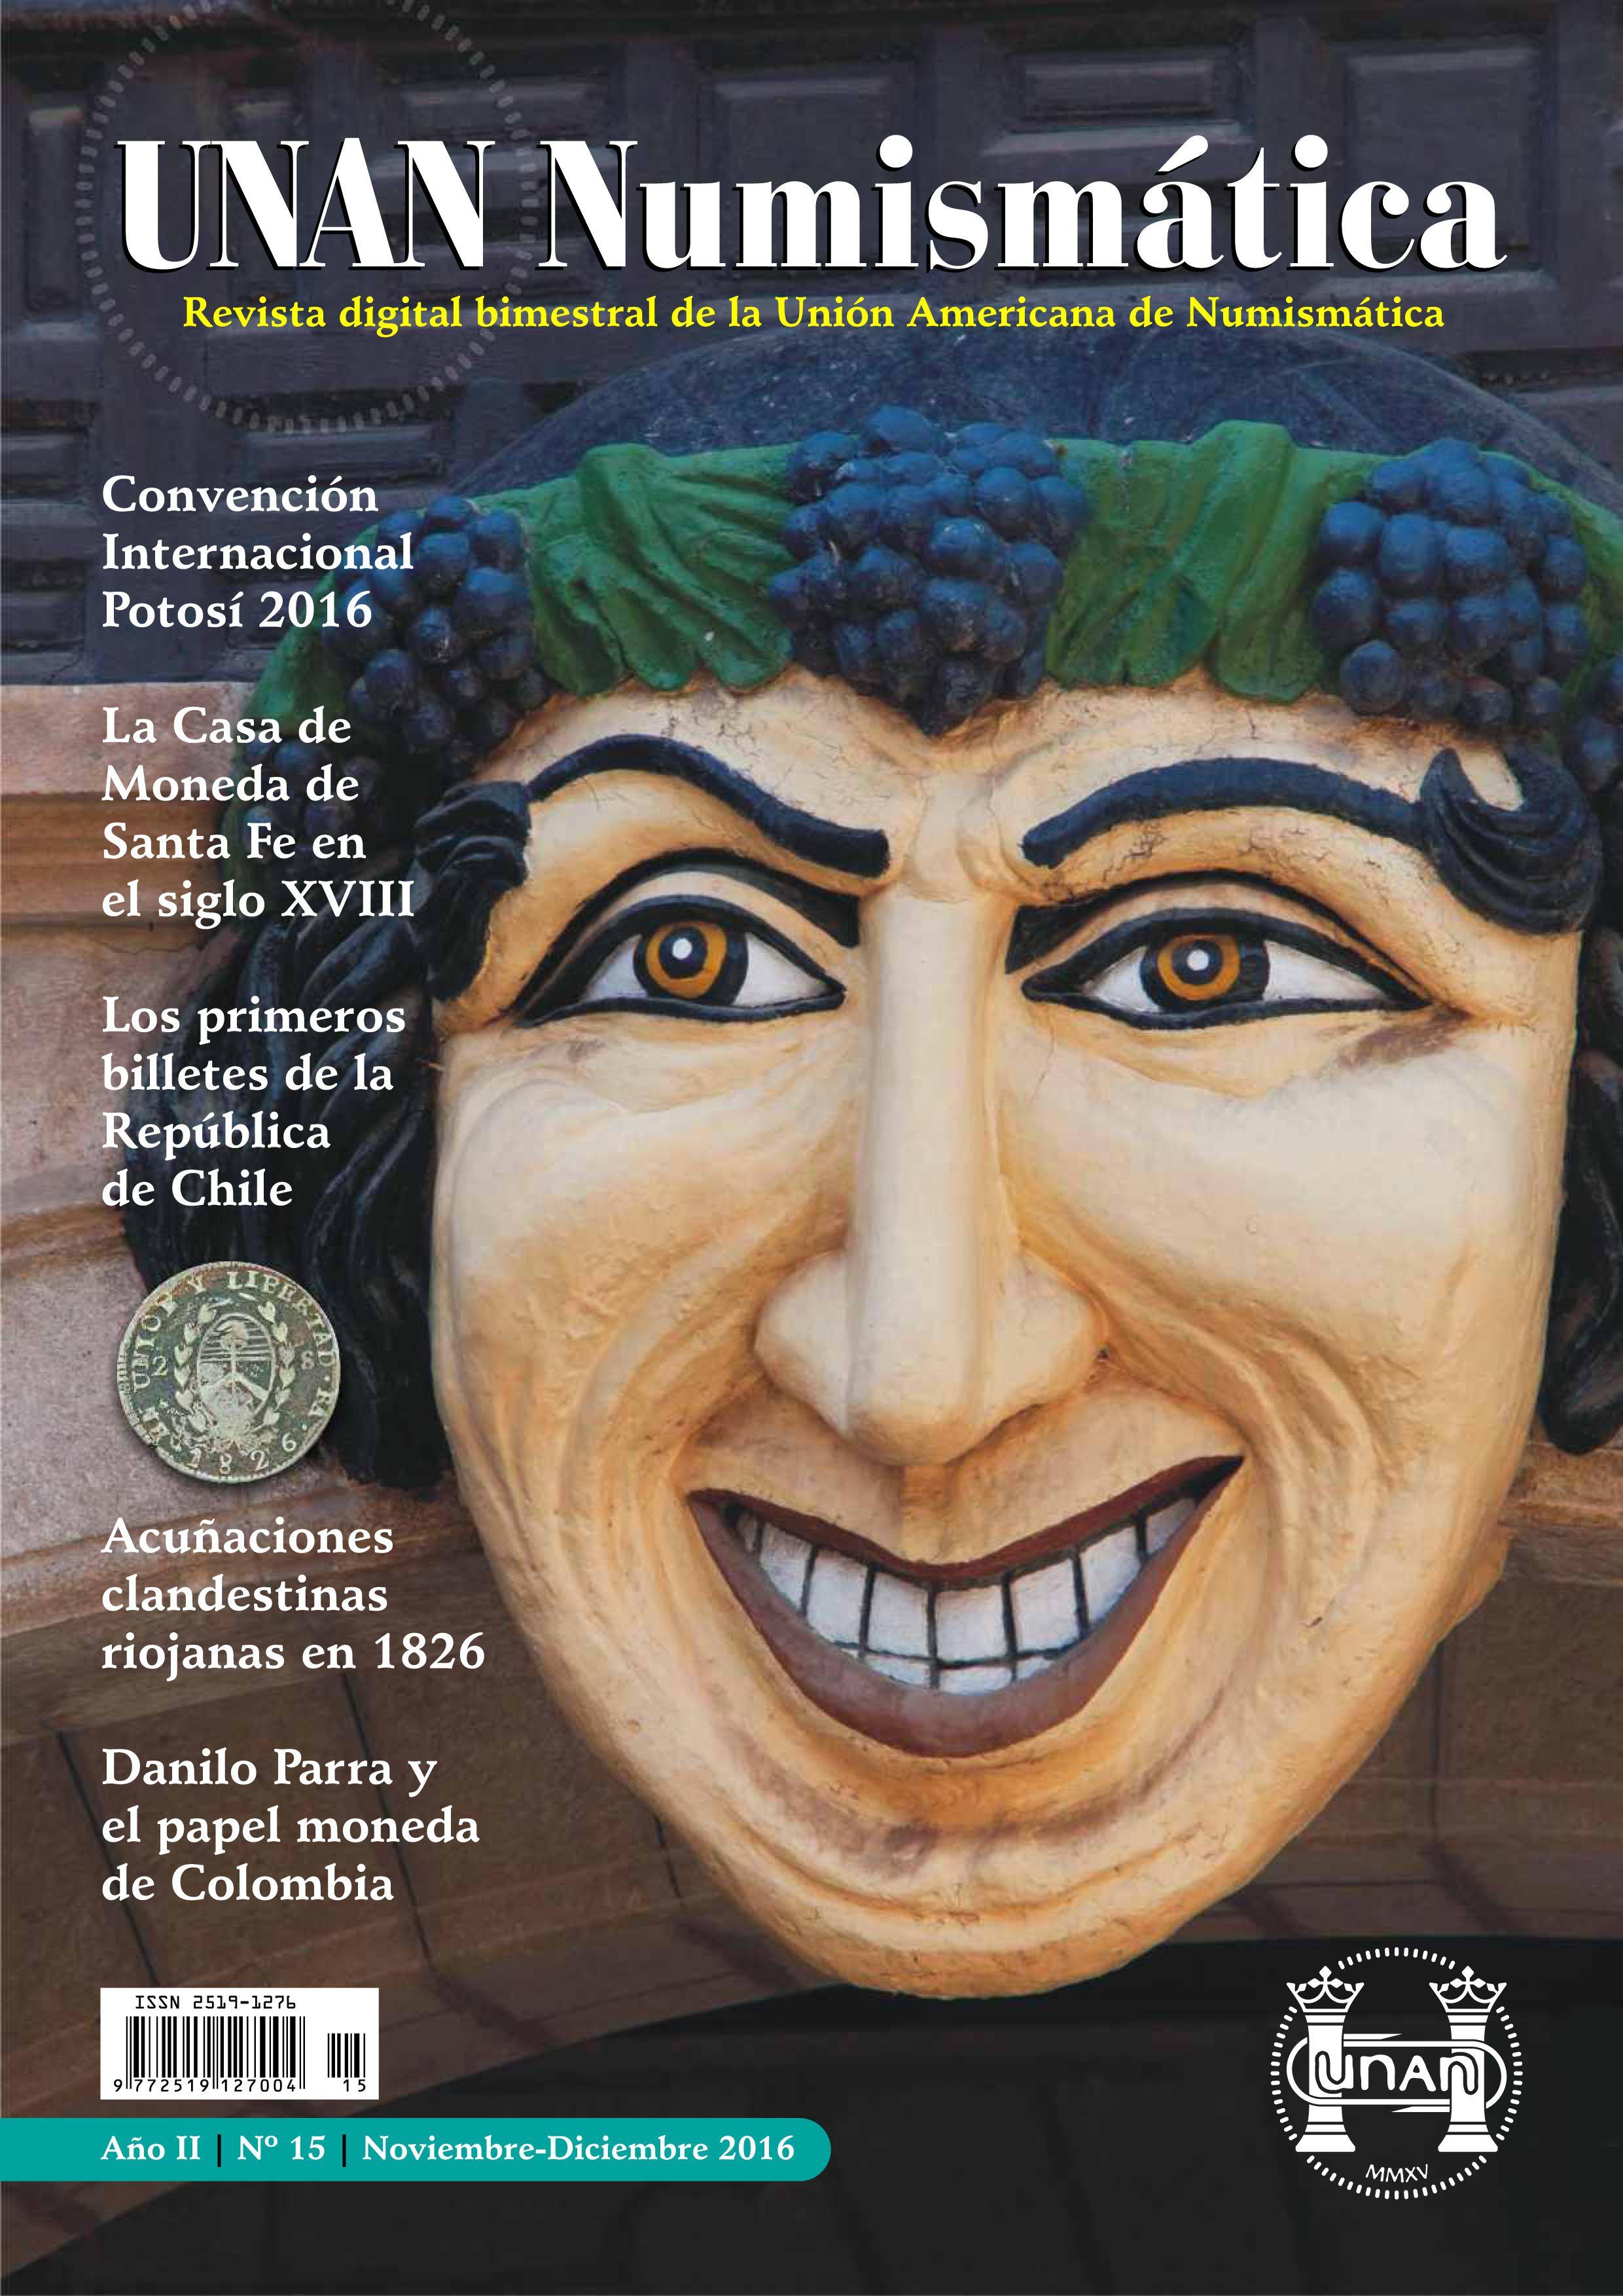 Se publicó el No. 15 de la Revista UNAN Numismática, correspondiente al bimestre Noviembre-Diciembre de 2016. Puede descargarse en nuestra Biblioteca Digital: http://www.monedasuruguay.com/bib/bib/unan/unan015.pdf